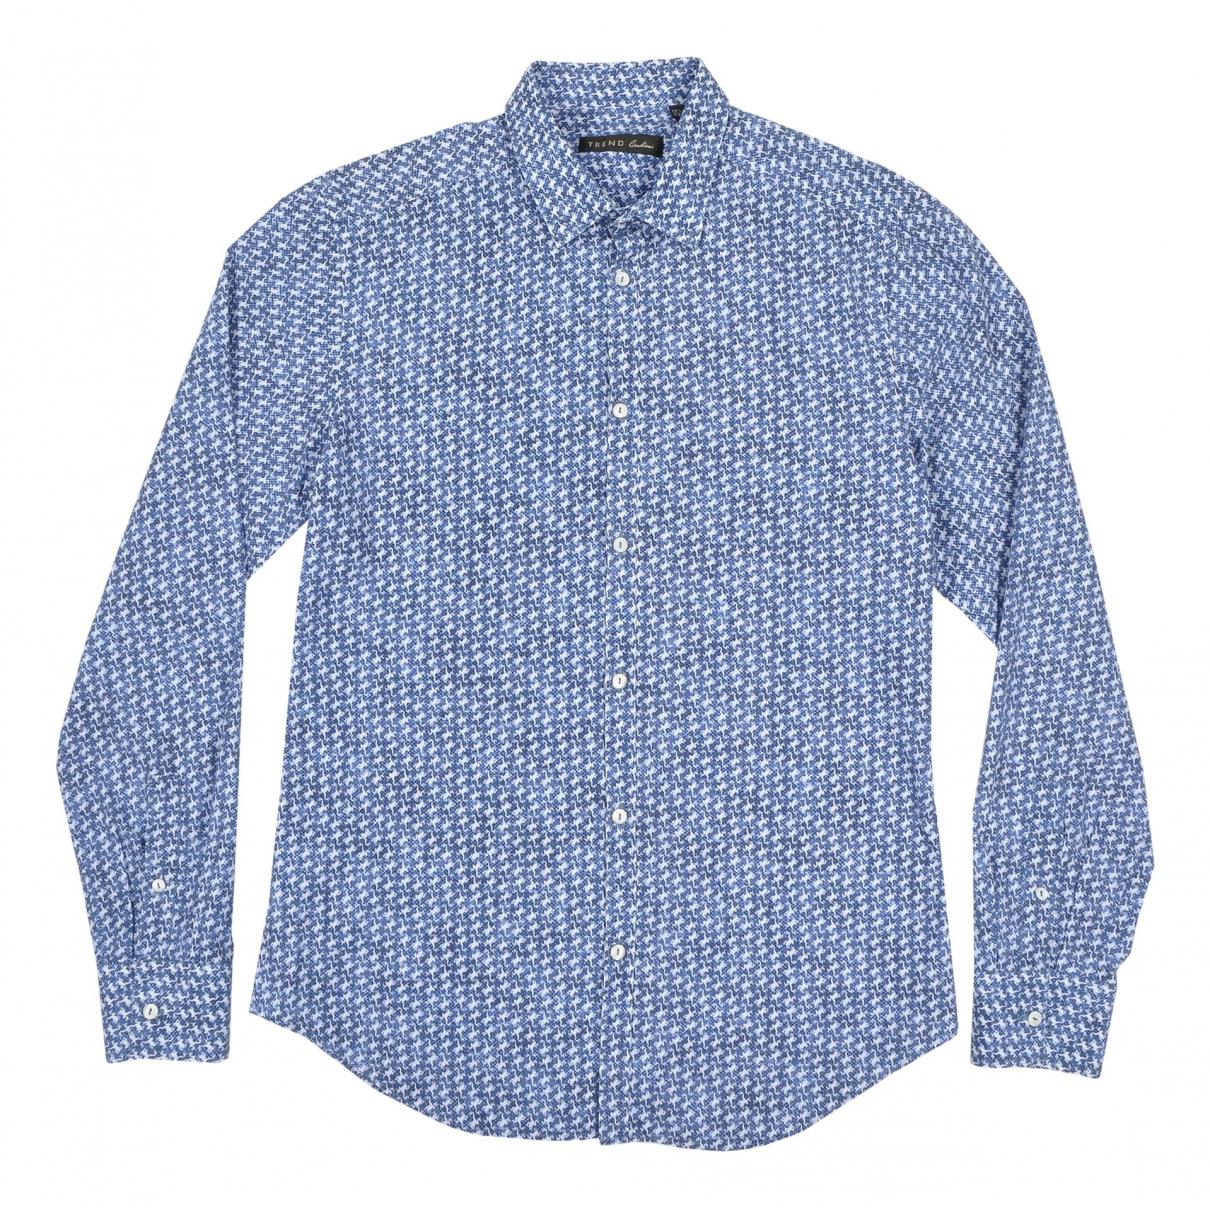 Corneliani \N Navy Cotton Shirts for Men 39 EU (tour de cou / collar)